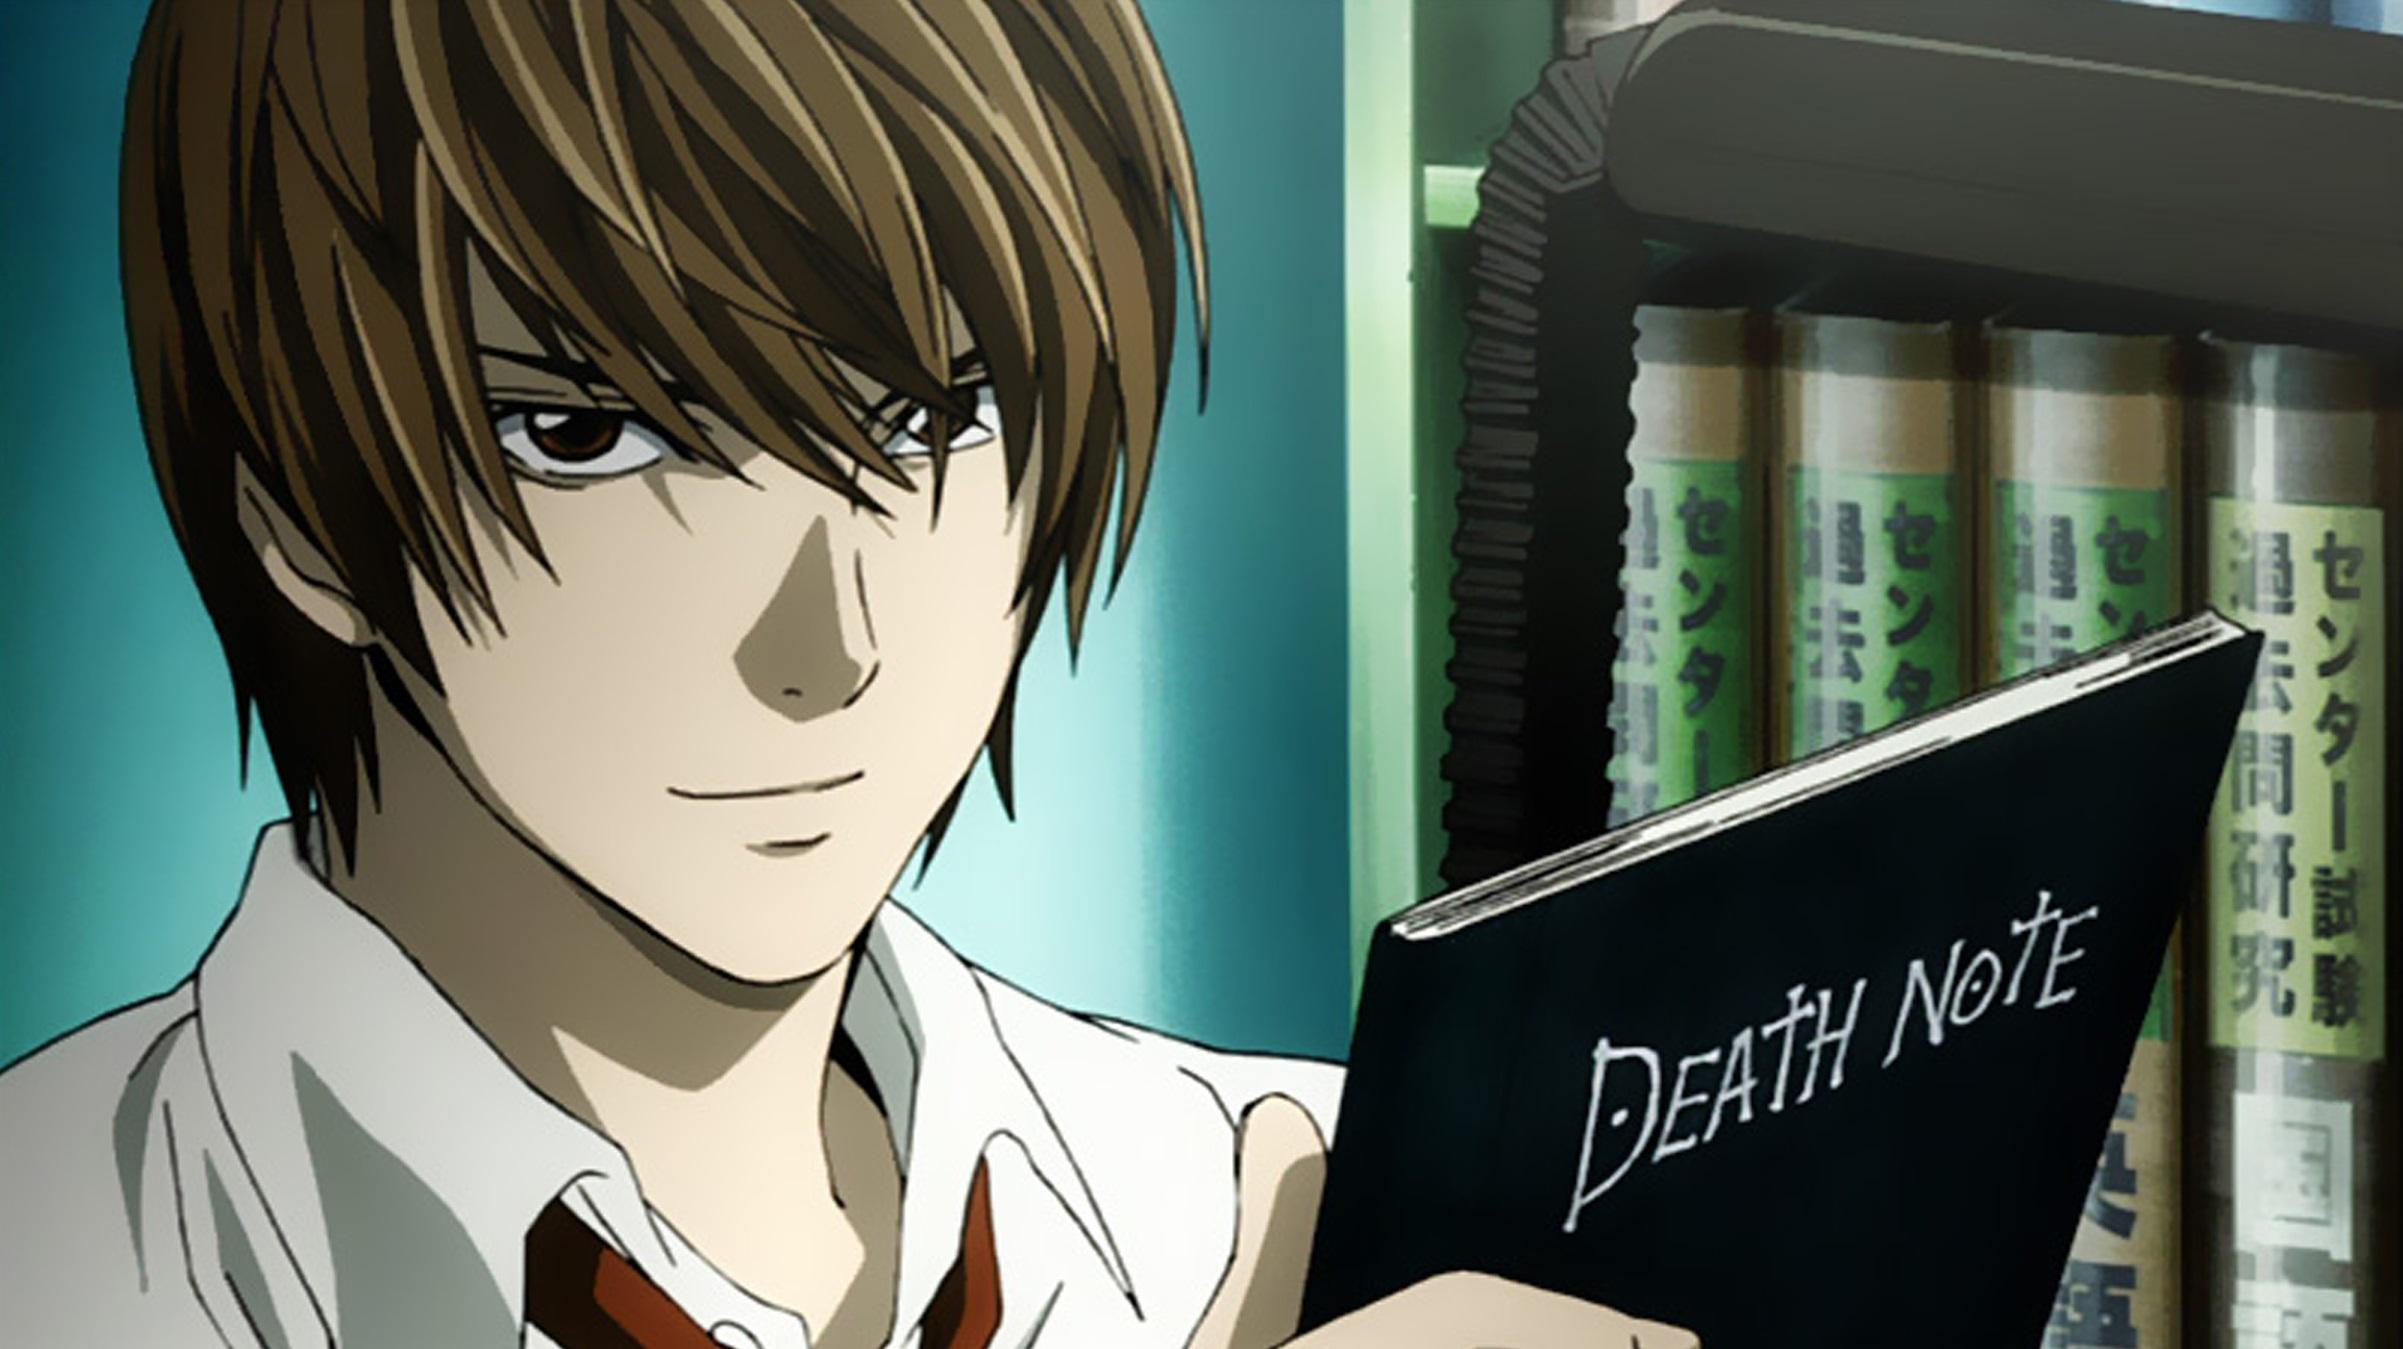 Death Note już w Netfliksie. Od dziś obejrzysz kultowe anime w serwisie